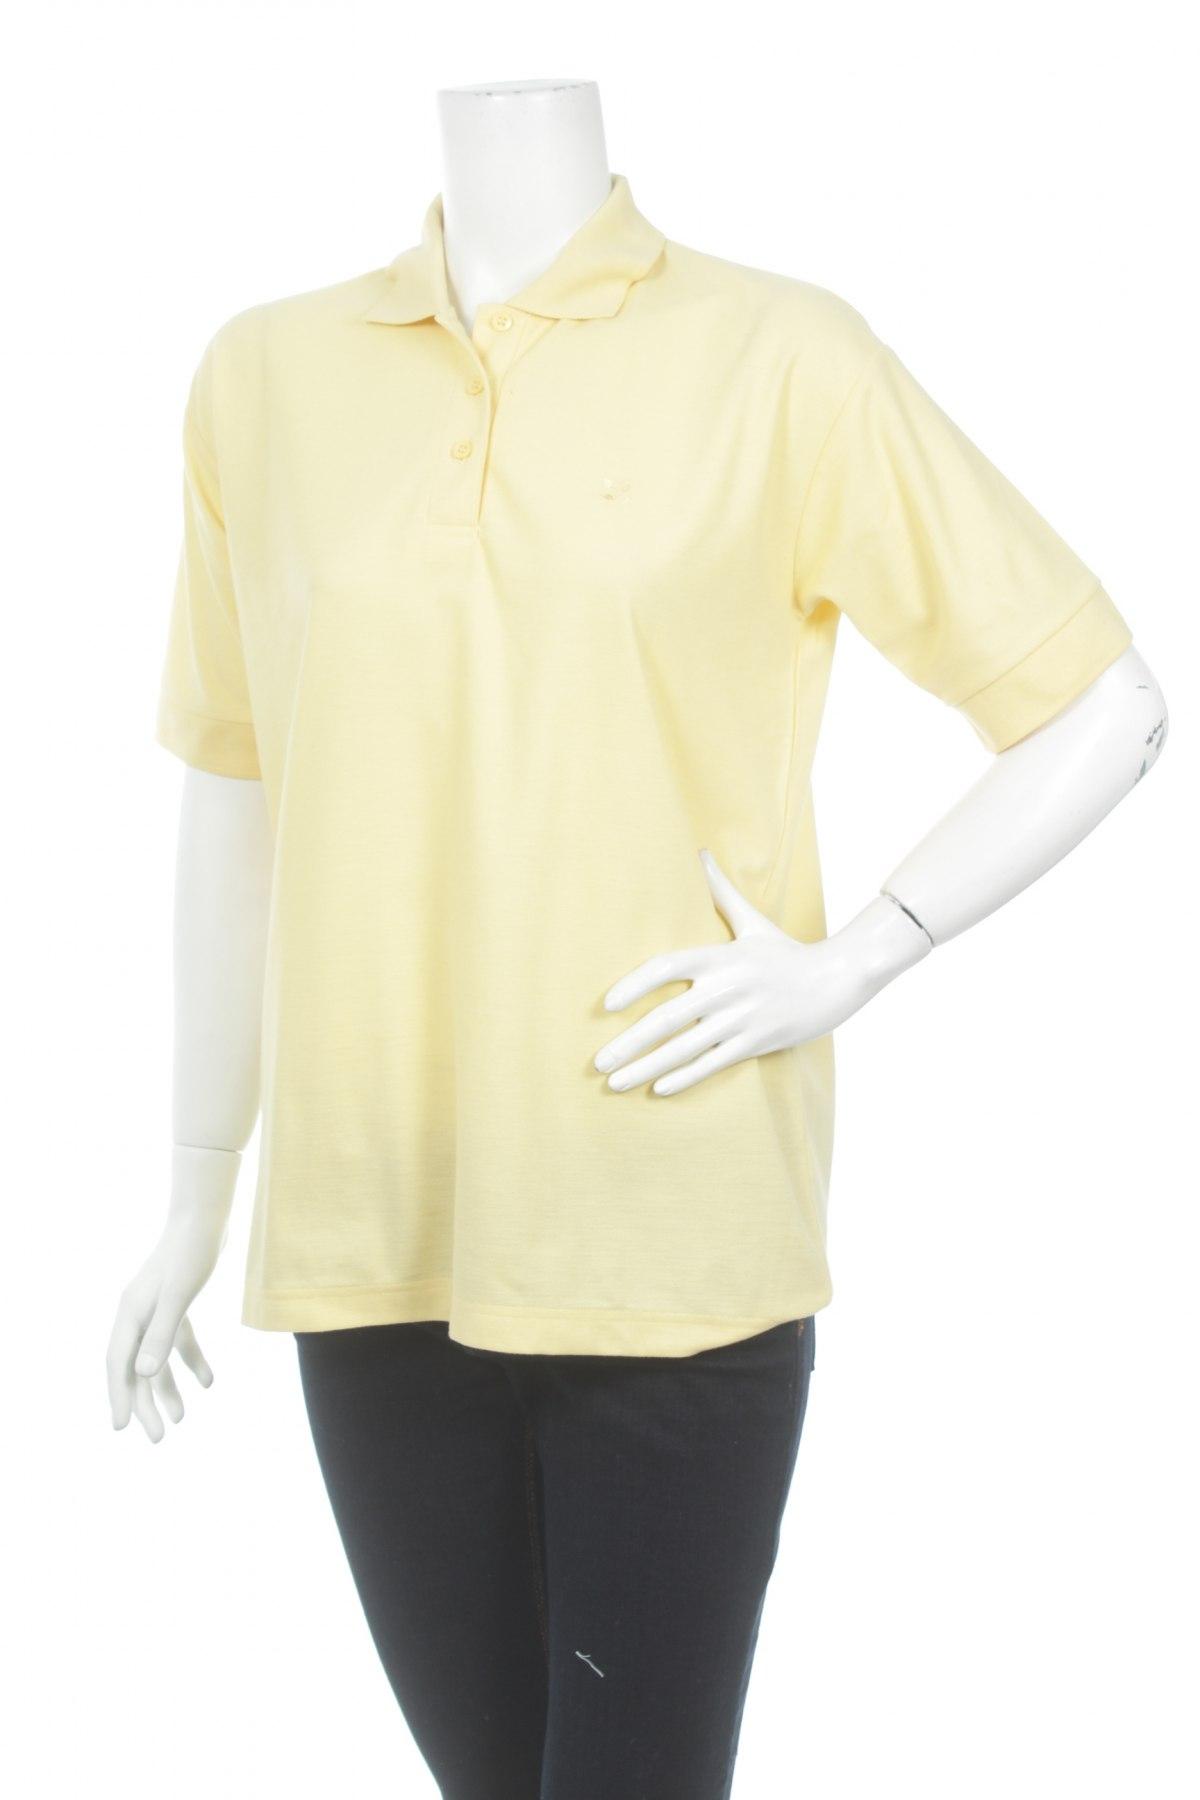 damski t shirt damart 3384754 remix. Black Bedroom Furniture Sets. Home Design Ideas